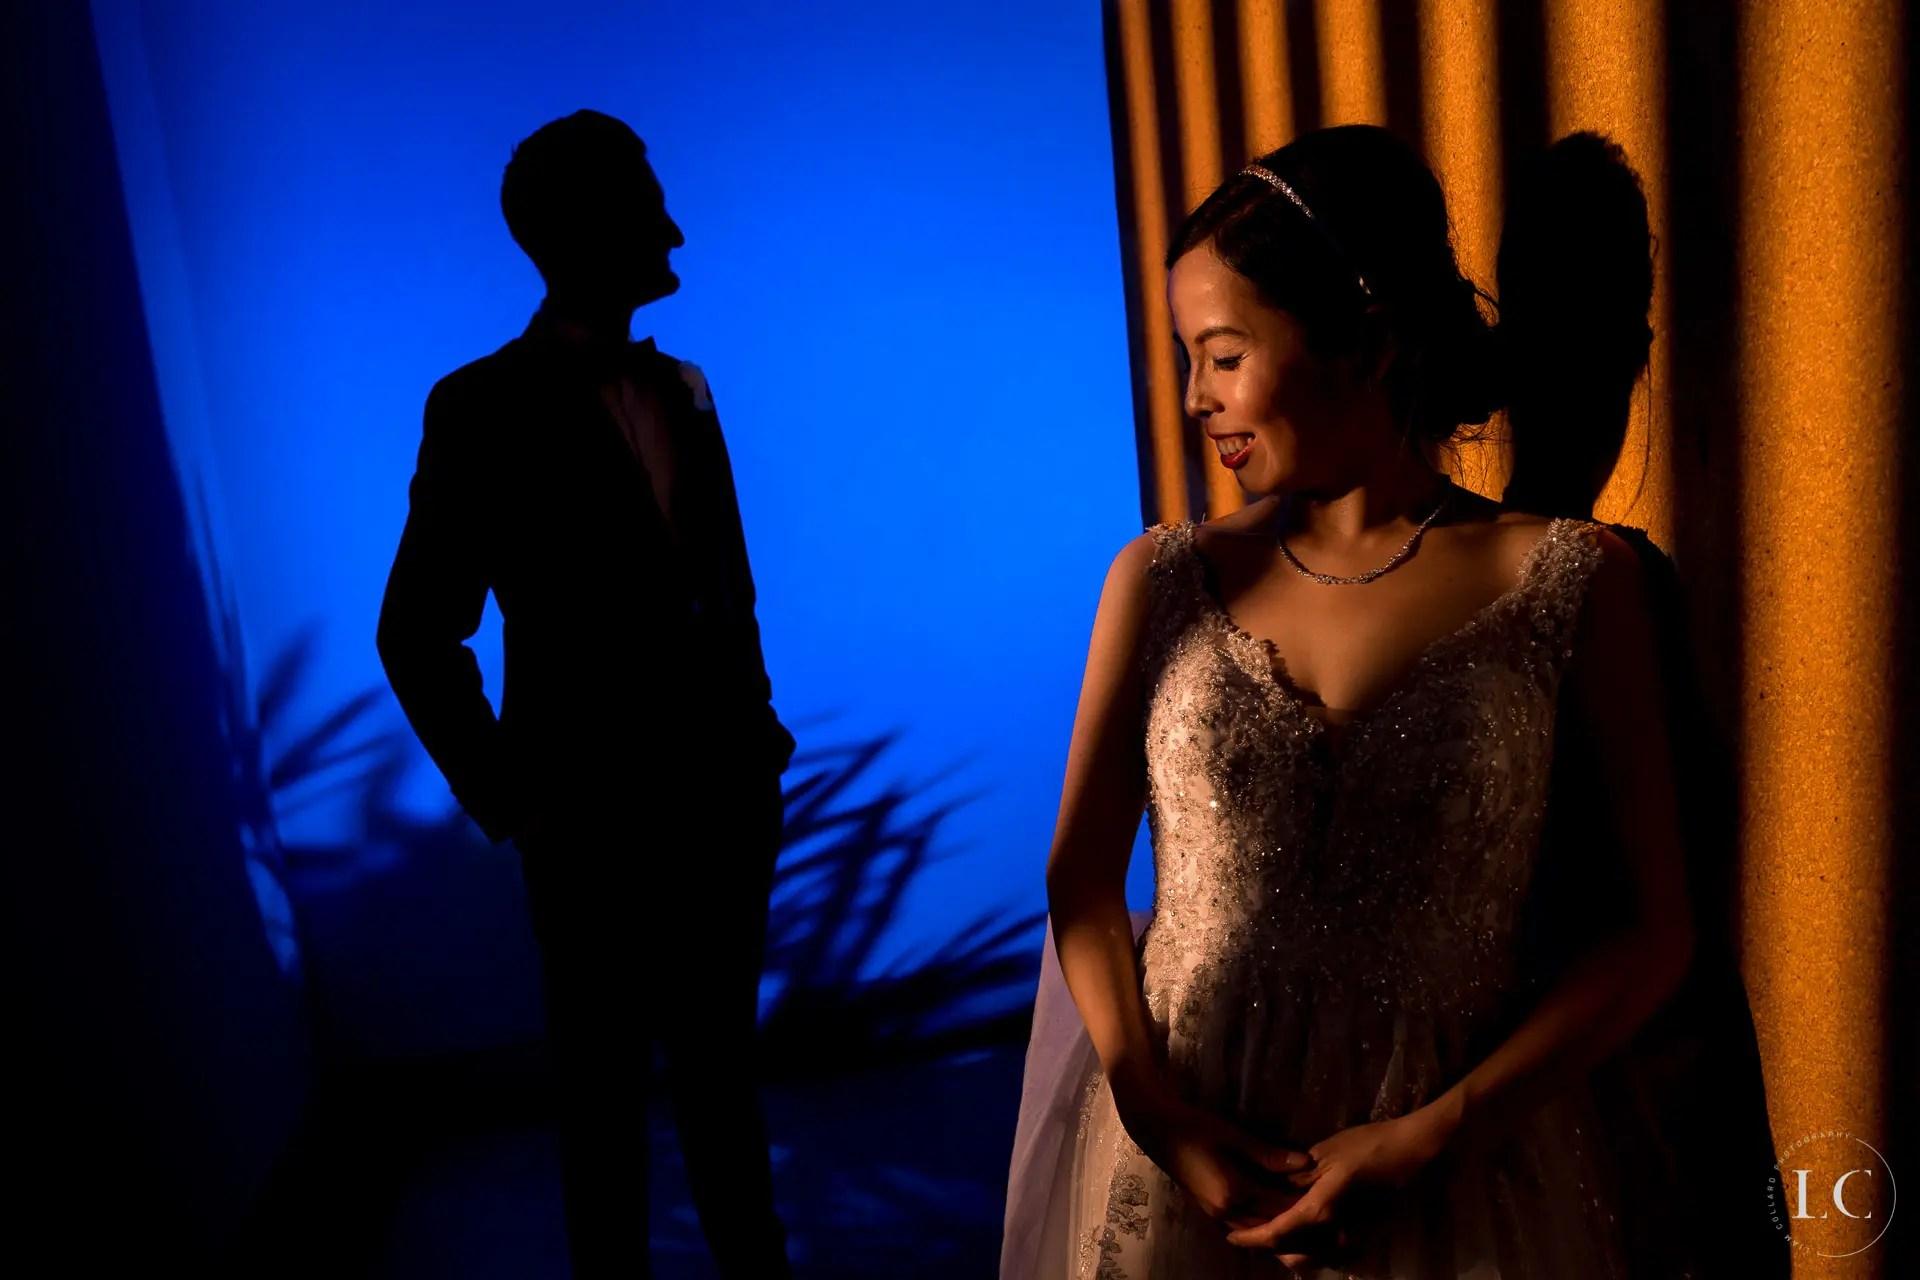 Bride and groom shadows